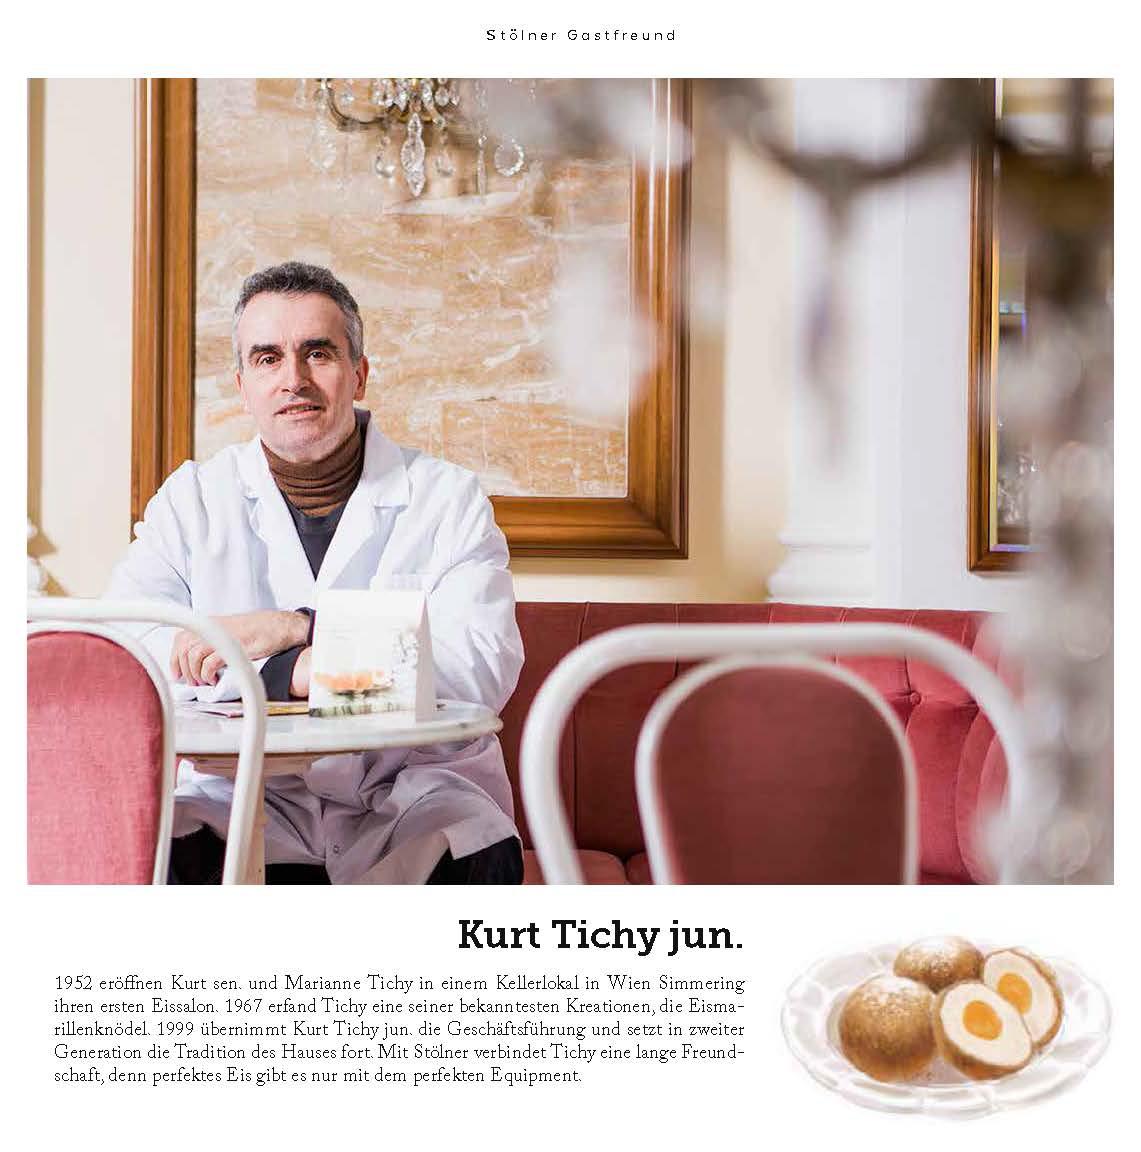 Zutat 9/2015 Gastfreund Kurt Tichy jun. (c)kheymach Magazindesign